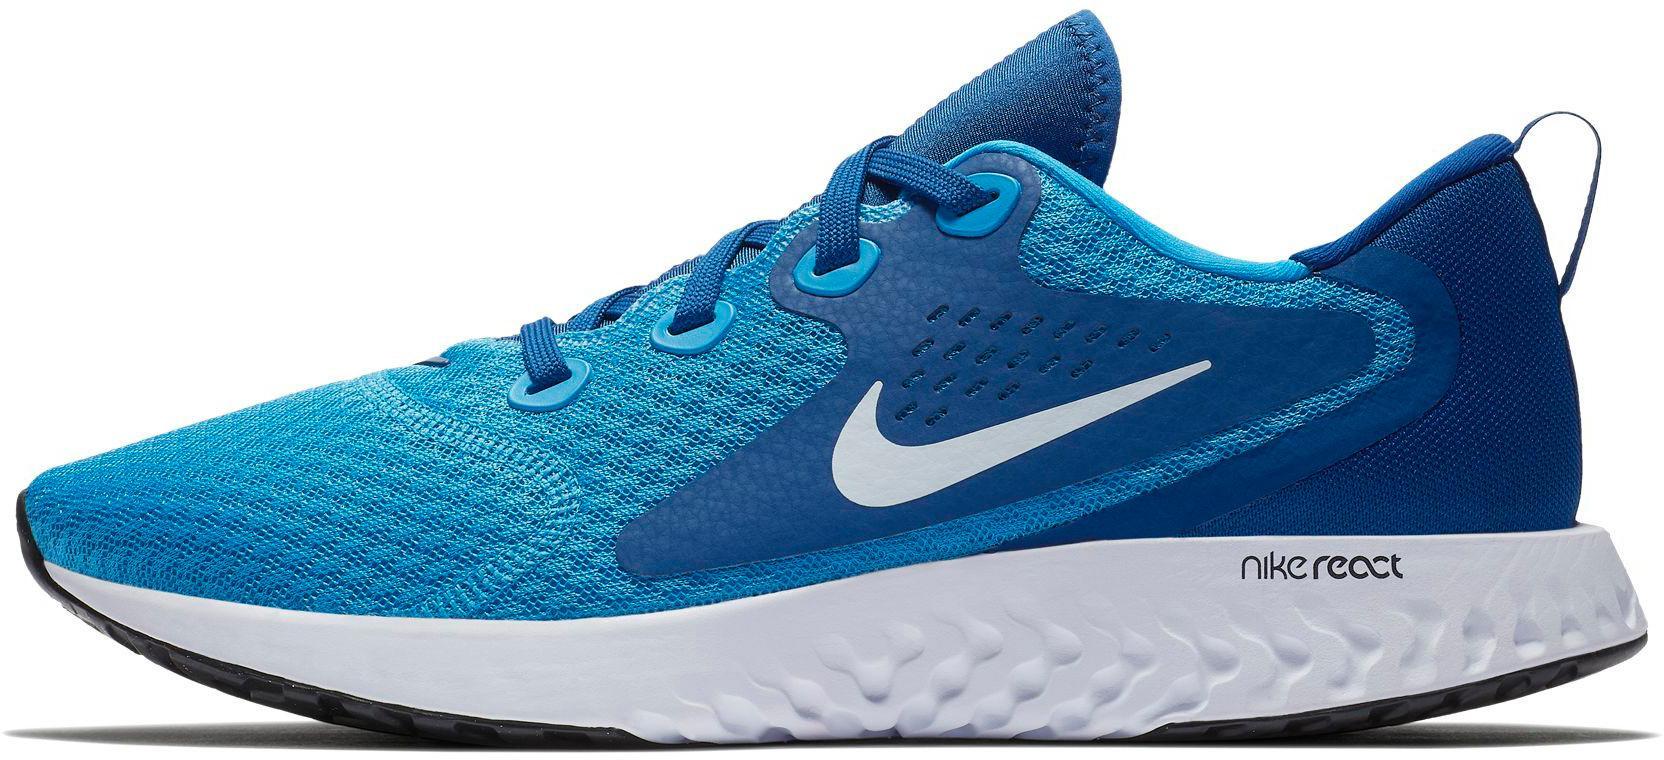 Nike Rebel React Laufschuhe Herren wolf-grey-black-cool-grey-pure-platinum wolf-grey-black-cool-grey-pure-platinum wolf-grey-black-cool-grey-pure-platinum im Online Shop von SportScheck kaufen Gute Qualität beliebte Schuhe 47acd3